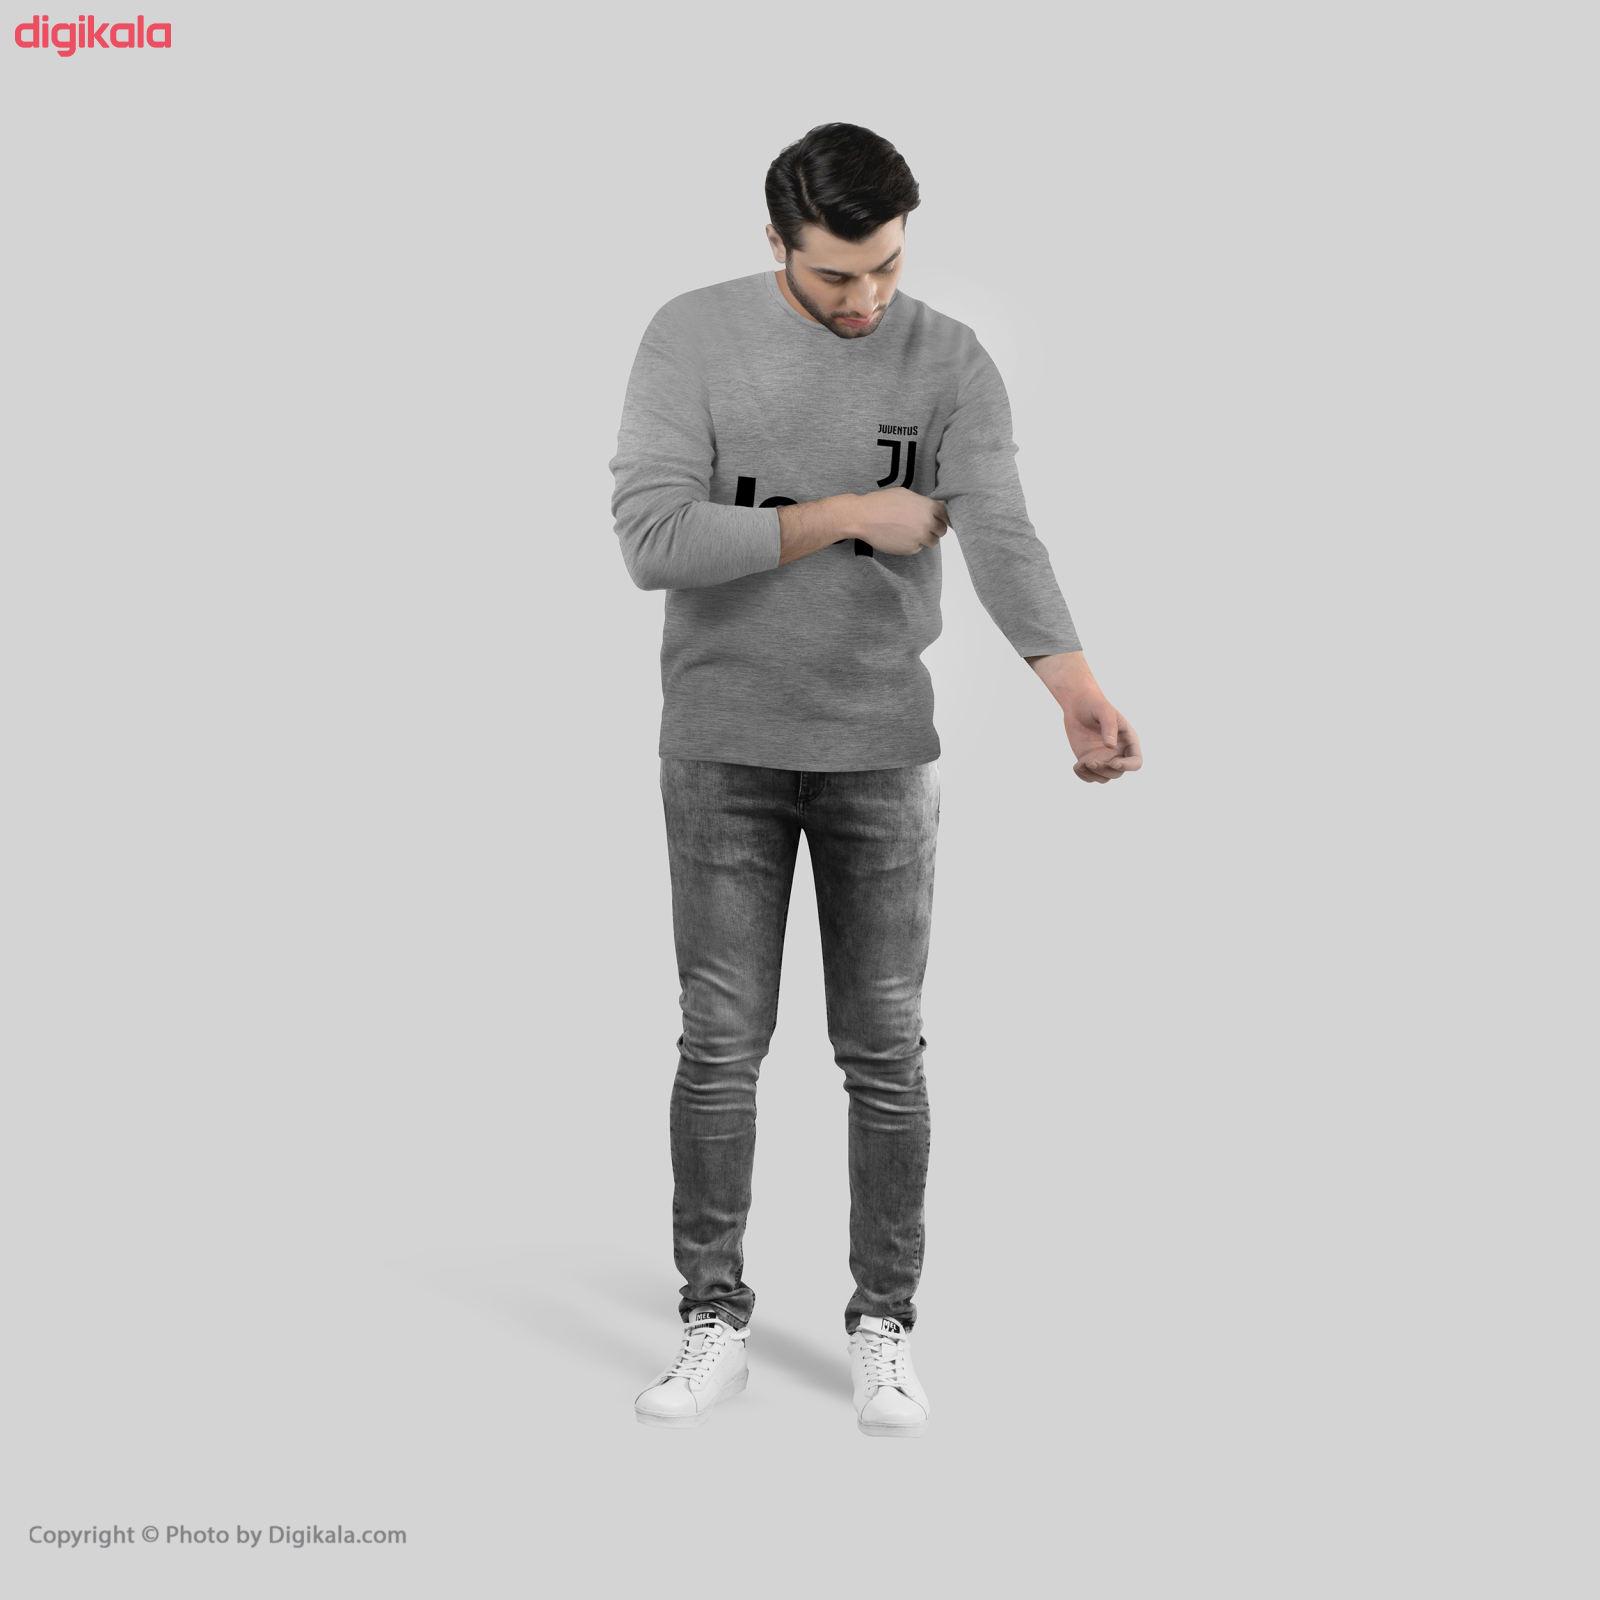 تی شرت آستین بلند مردانه طرح یوونتوس مدل S272 main 1 2